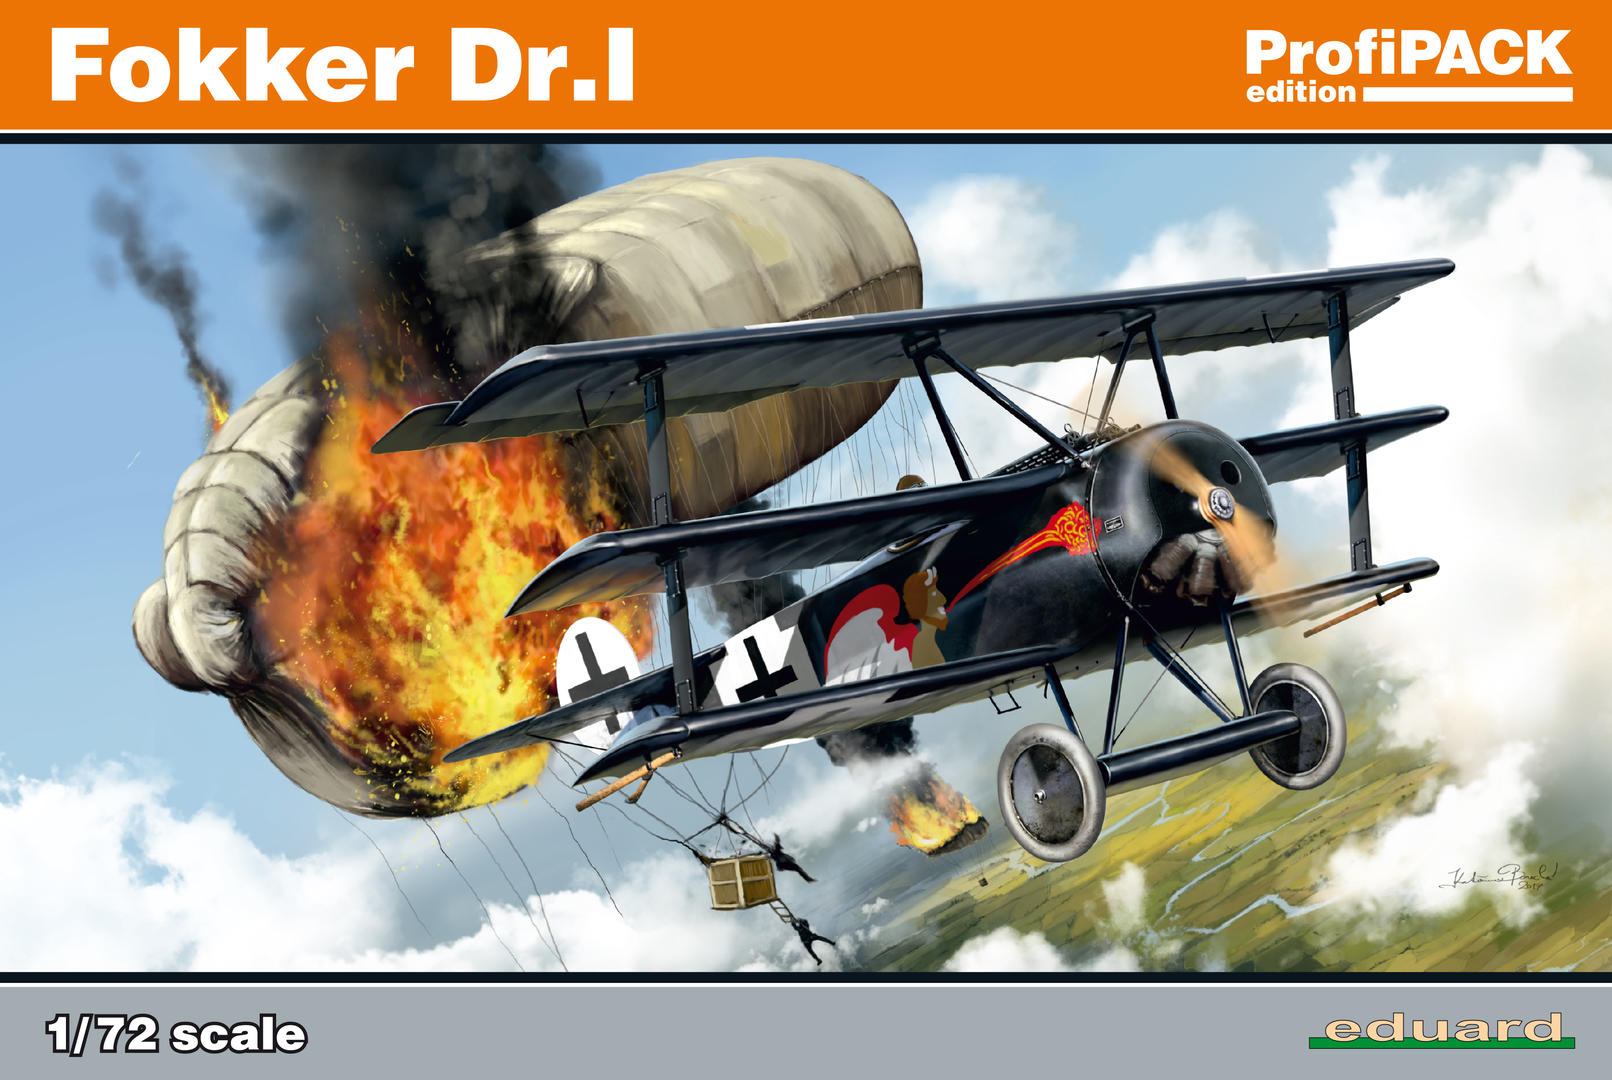 Eduard-7039-Fokker-Dr.I-Profipack-Deckelbild Fokker Dr.I Profipack von Eduard in 1:72 (# 7039)